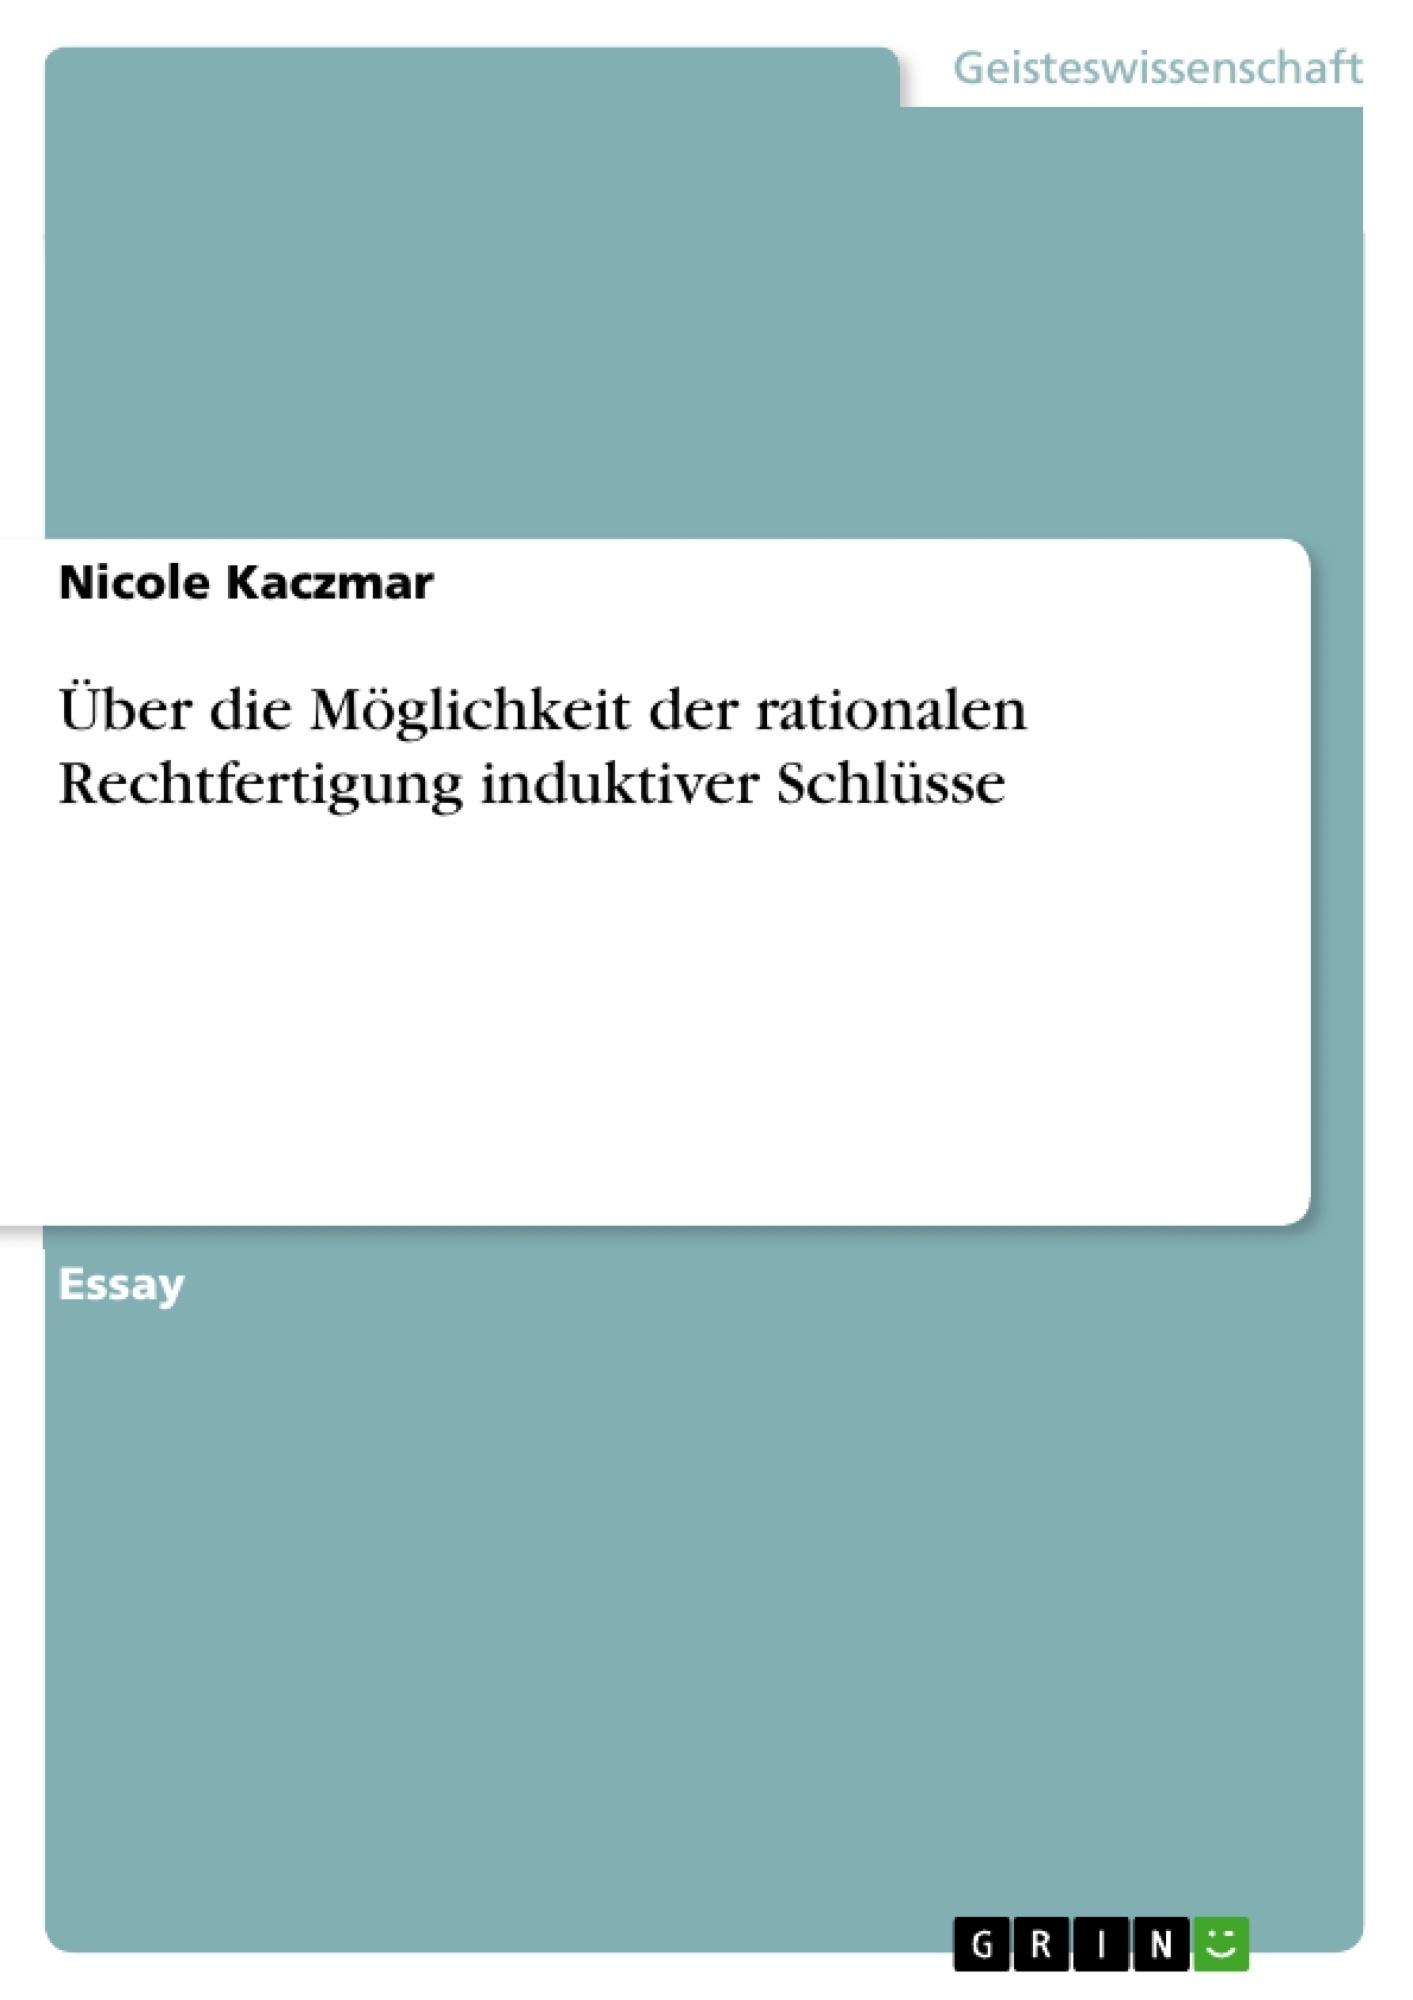 Titel: Über die Möglichkeit der rationalen Rechtfertigung induktiver Schlüsse